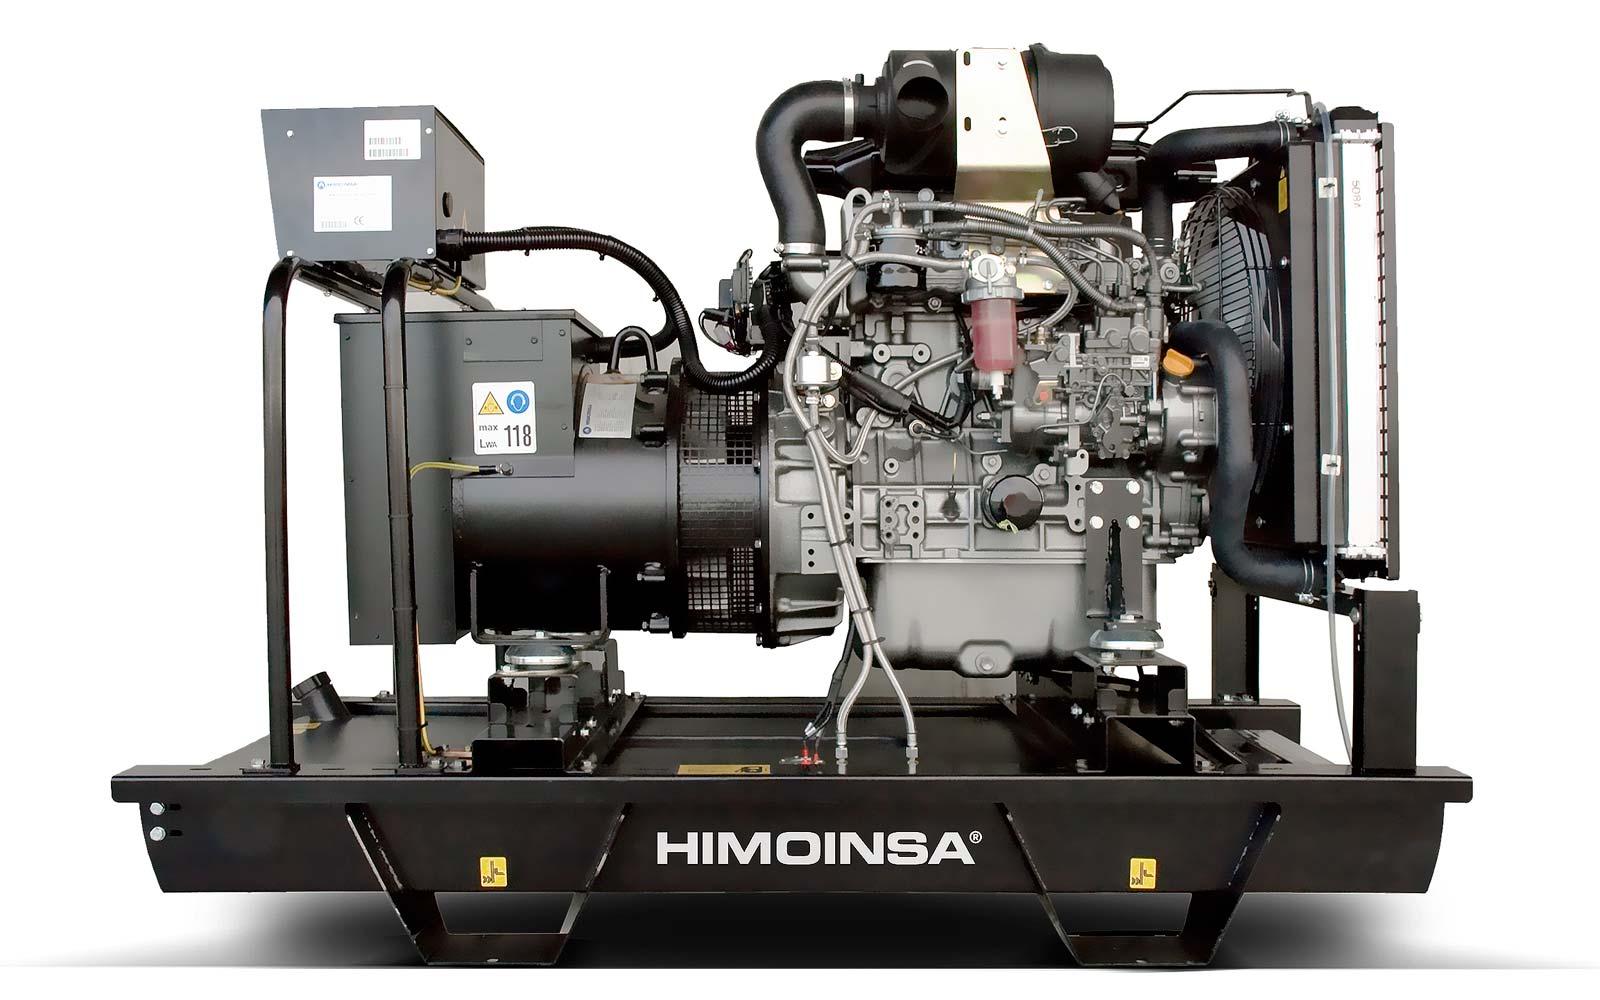 дизельная электростанция himoinsa hyw-13 m5